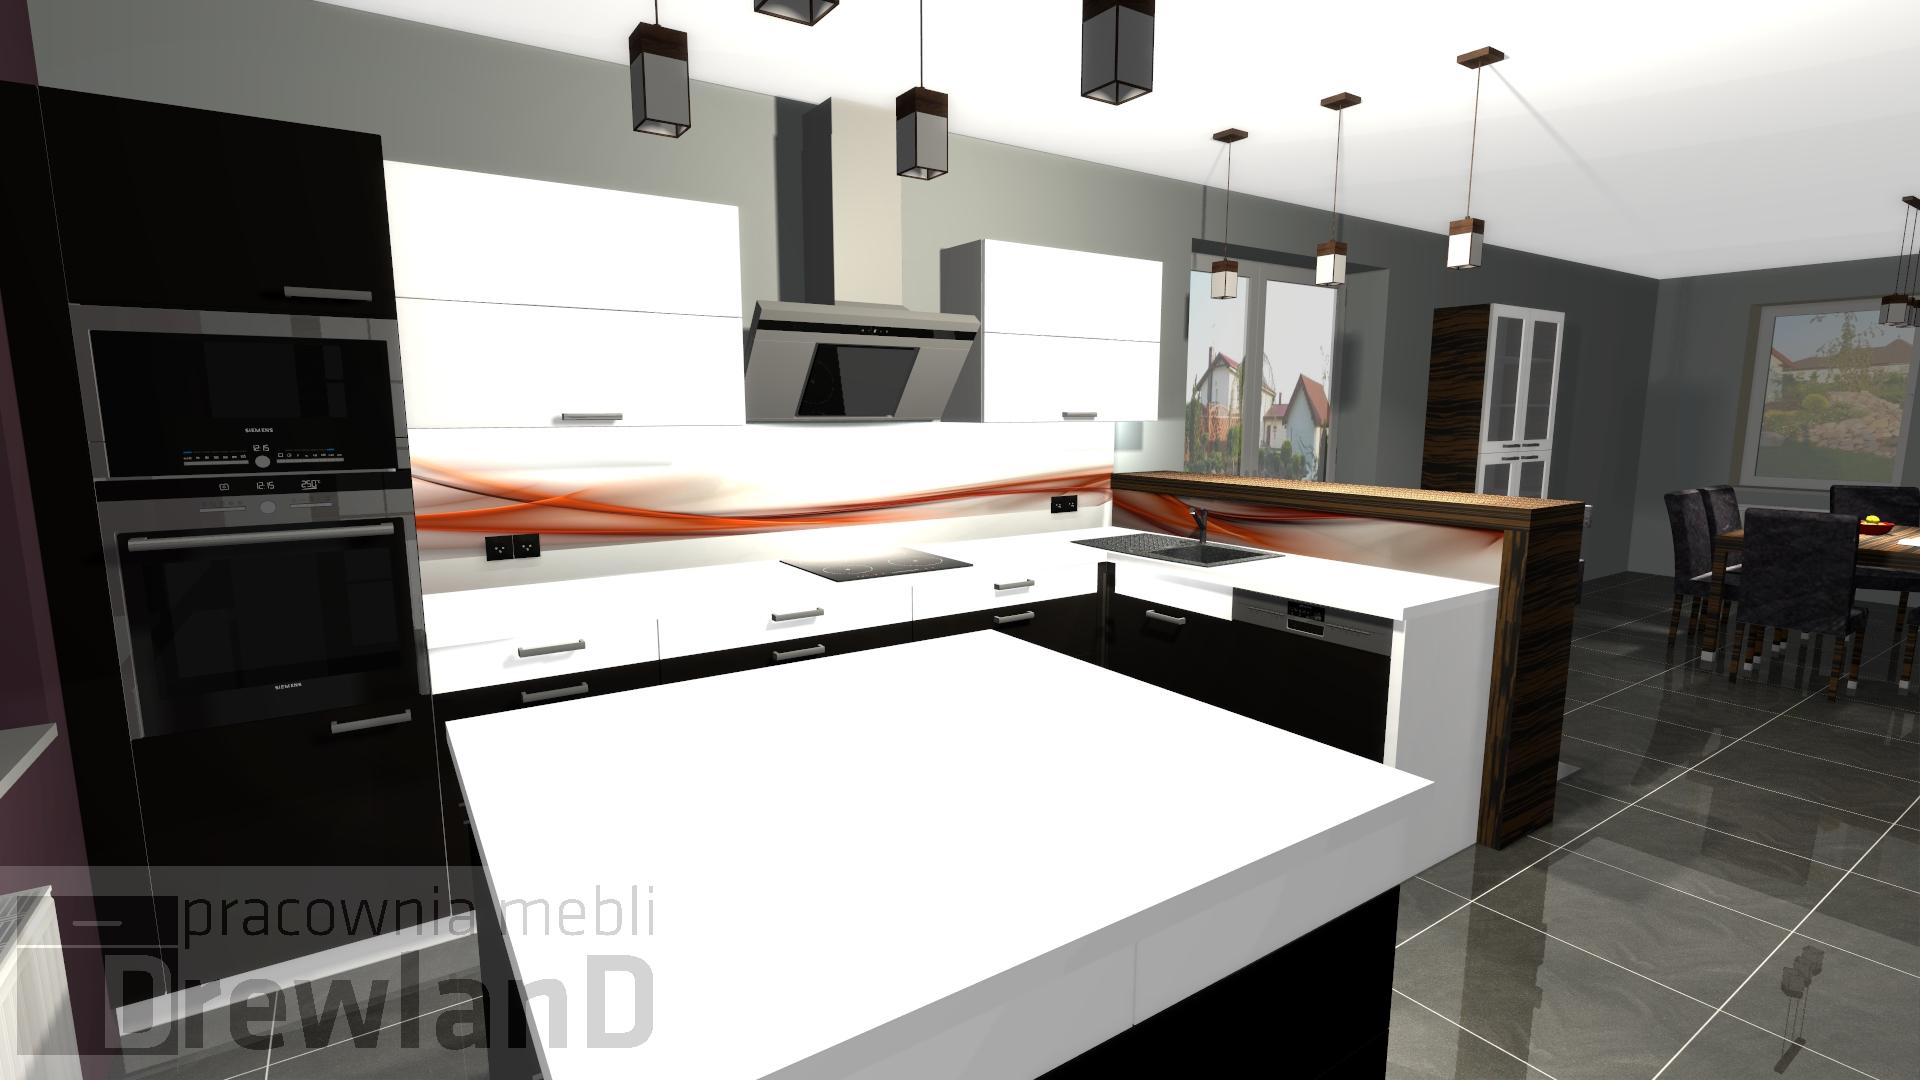 Kuchnia czarno biała  Drewland pl -> Kuchnia Bialo Czarno Drewniana